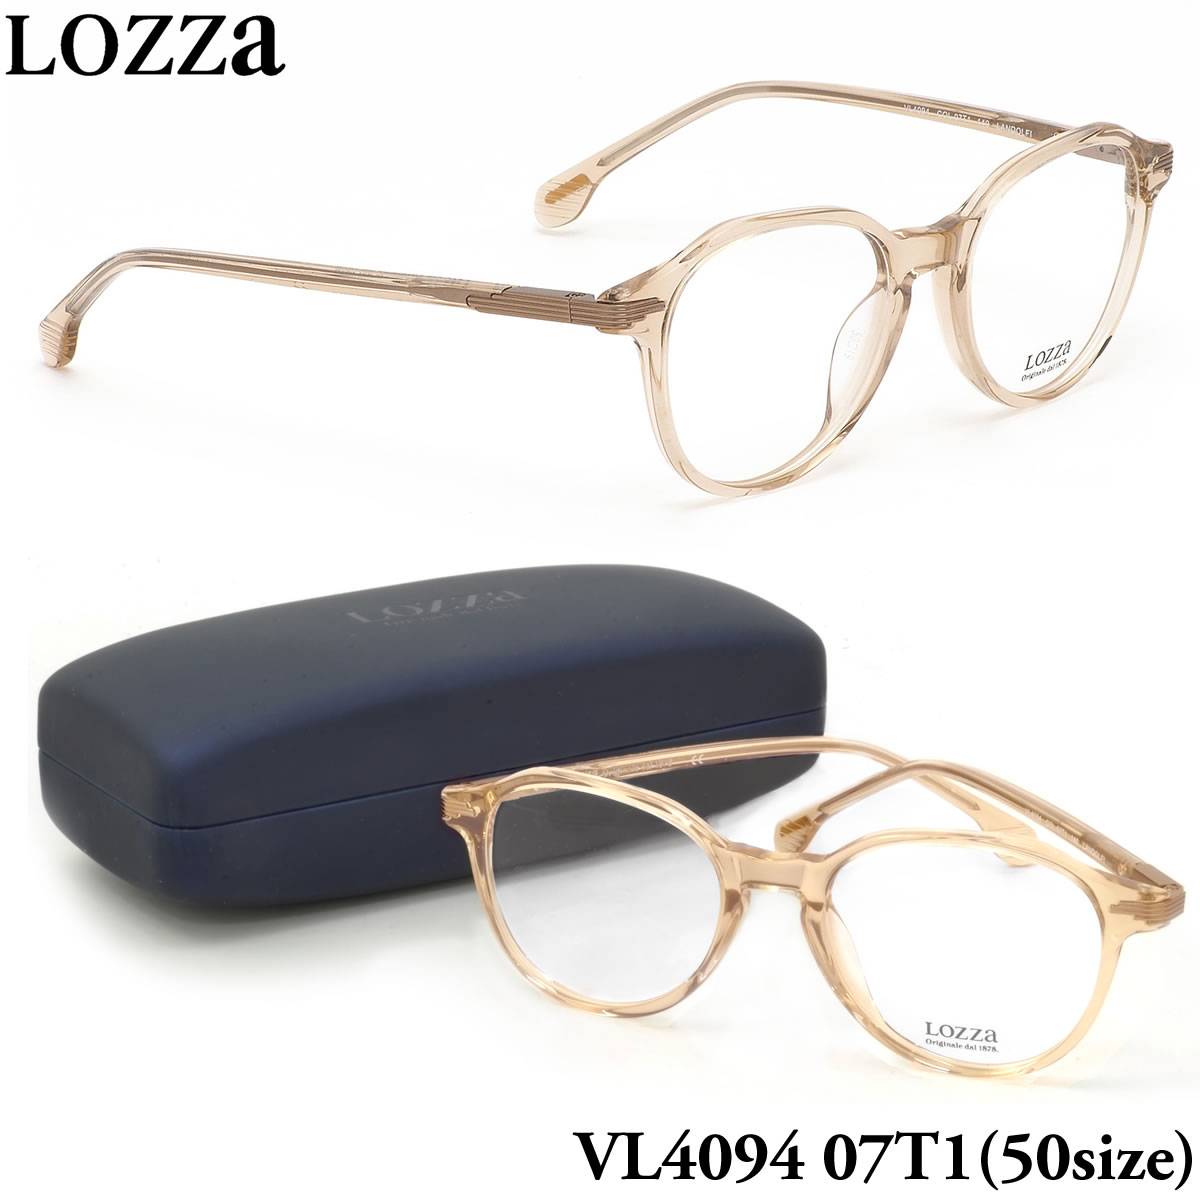 ほぼ全品ポイント15倍~最大43倍+3倍!お得なクーポンも! 【ロッツァ】 (LOZZA) メガネVL4094 07T1 50サイズLANDOLFI LOZZA メンズ レディース